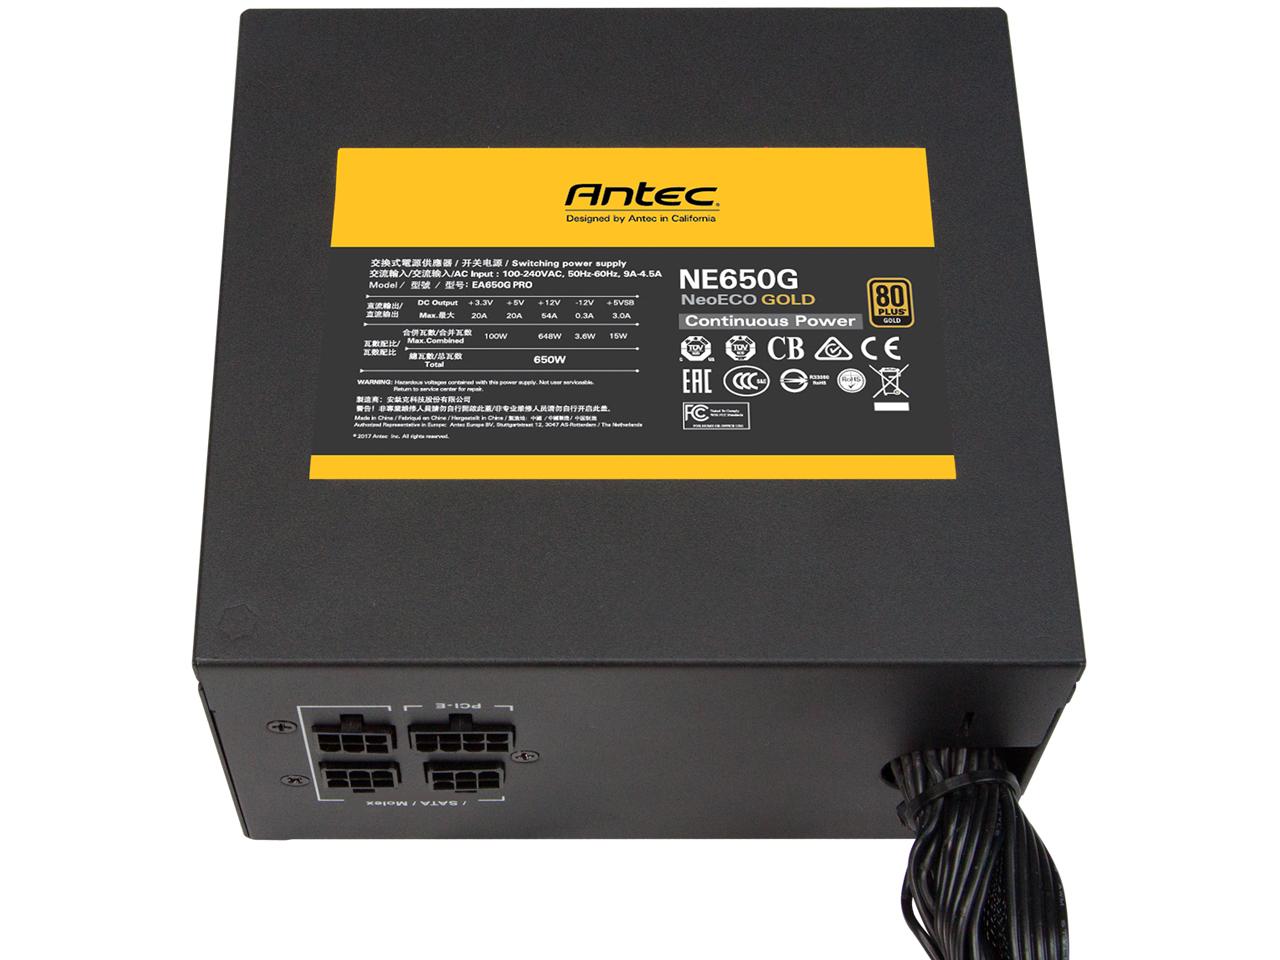 『本体 底面』 NeoECO Gold NE650G の製品画像